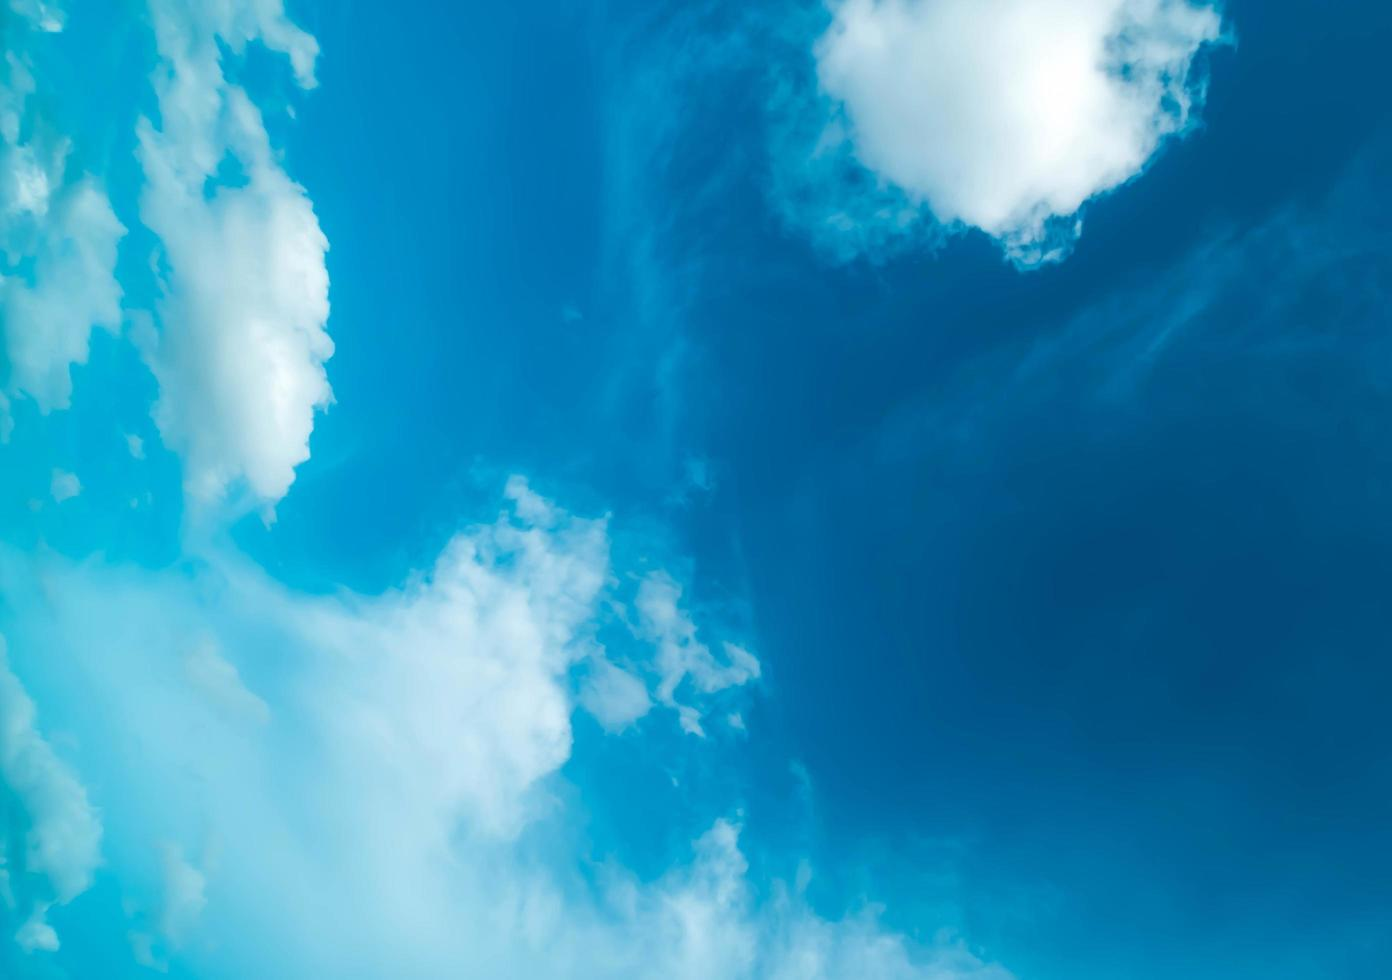 soffici nuvole e un cielo blu foto